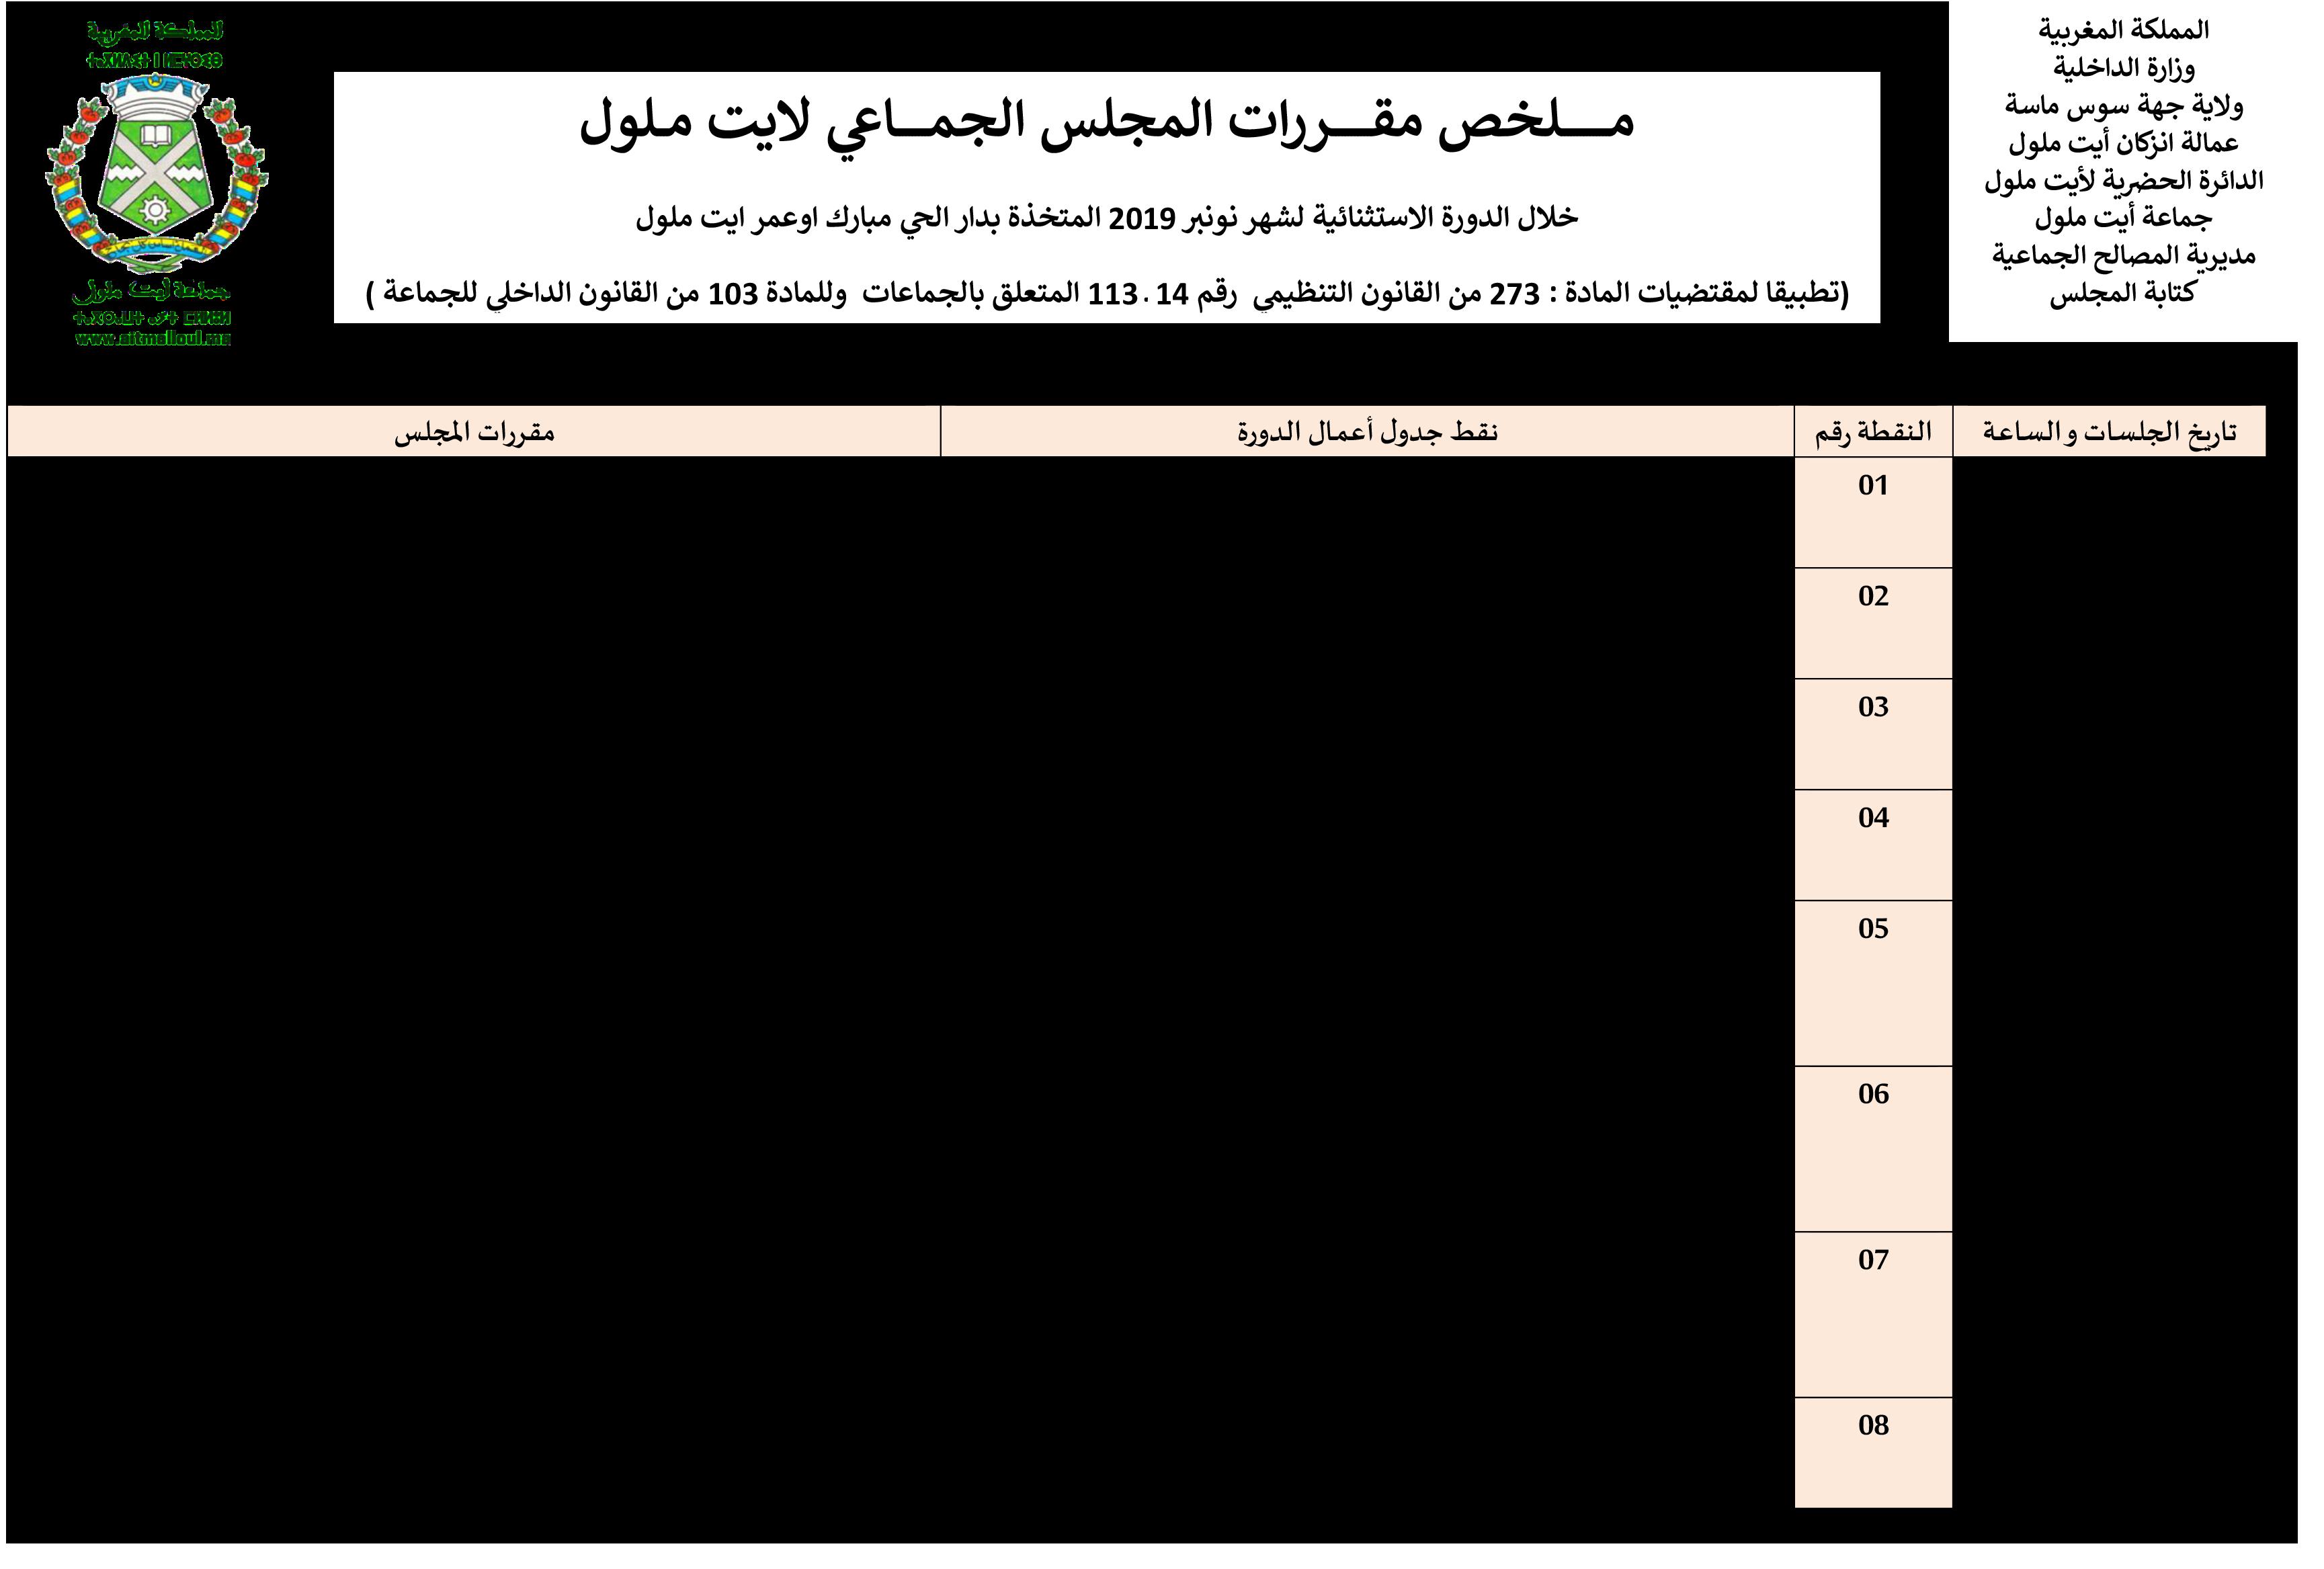 مـلخص مقـررات المجلس الجماعي لأيت ملول خلال الدورة الاستثنائية لشهر نونبر 2019 المتخذة بدار الحي مبارك اوعمر ايت ملول